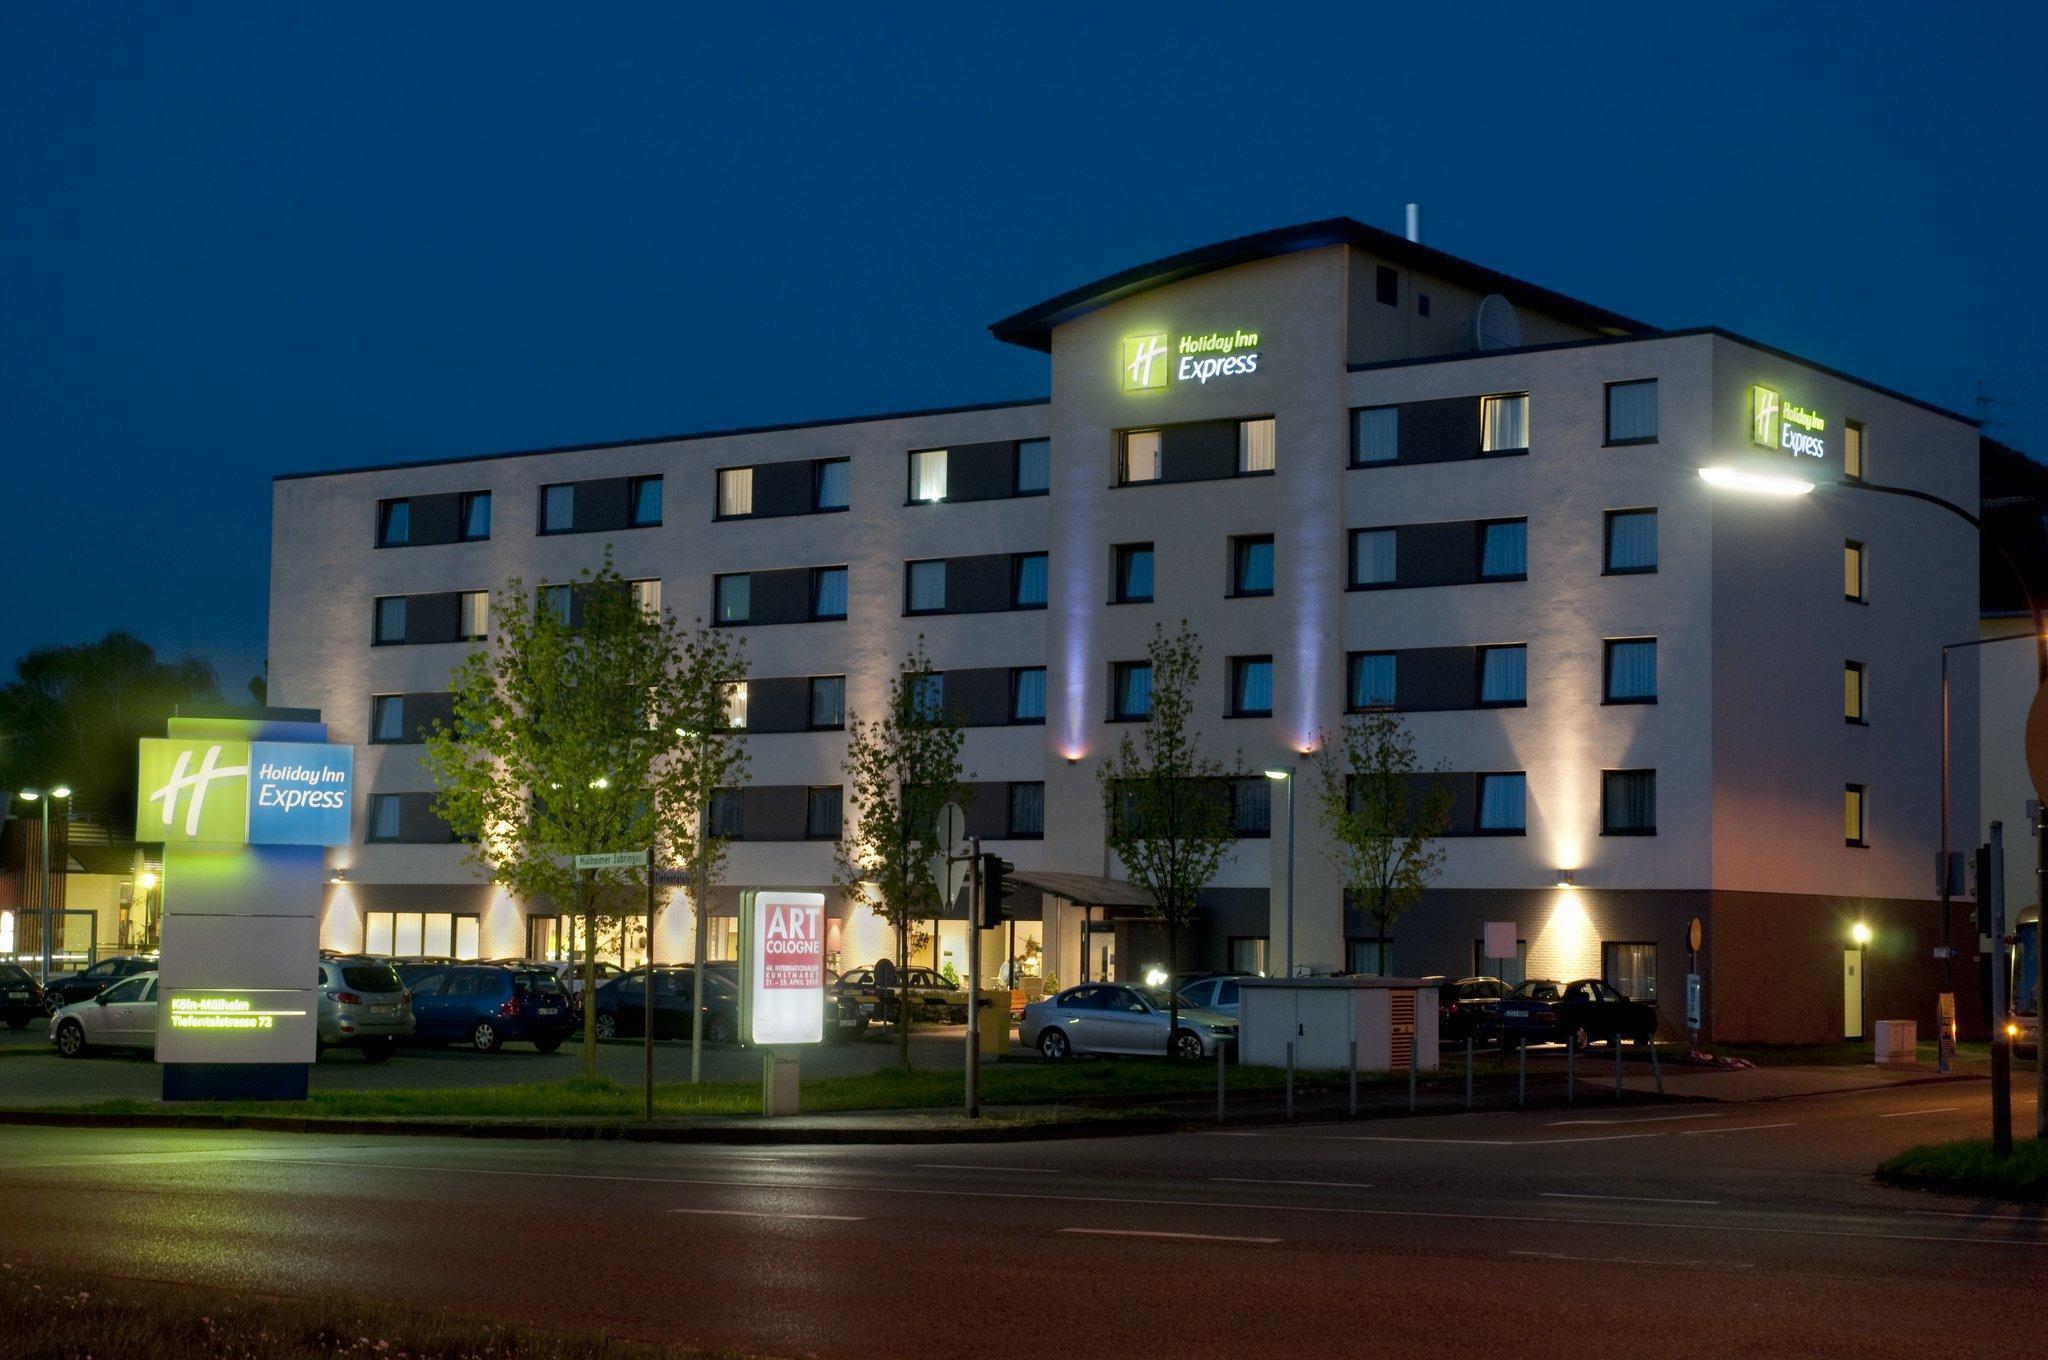 Holiday Inn Express Cologne M�lheim